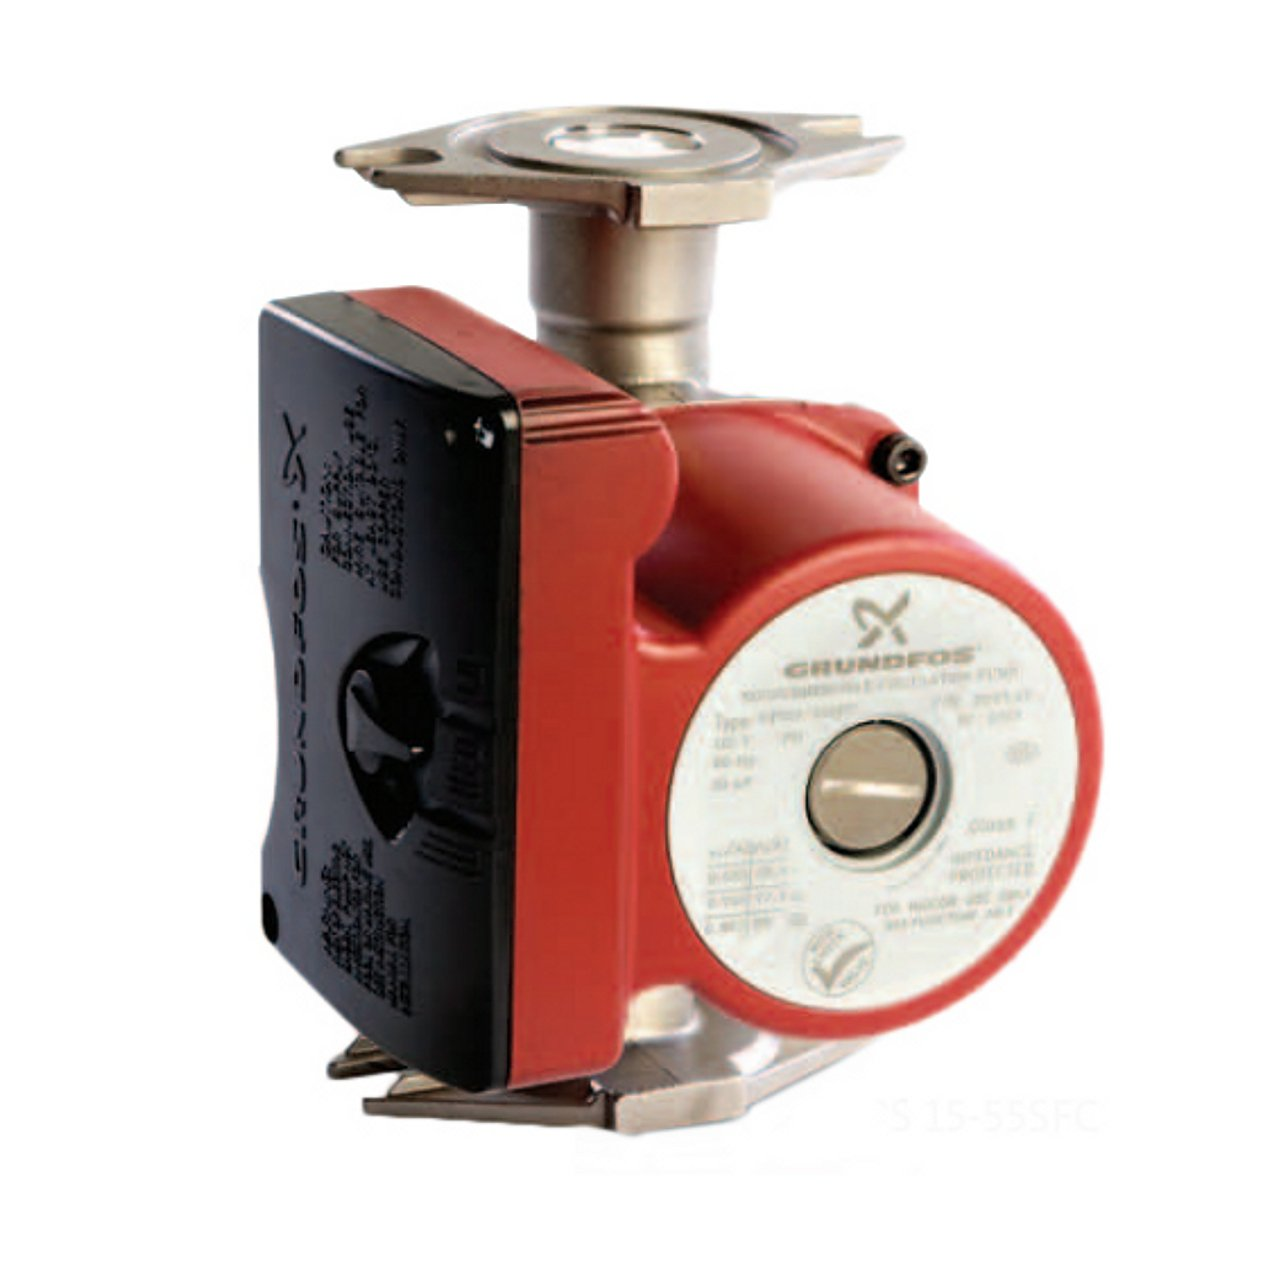 Grundfos 59896772 3/20 Horsepower Stainless Steel Circulator Pump